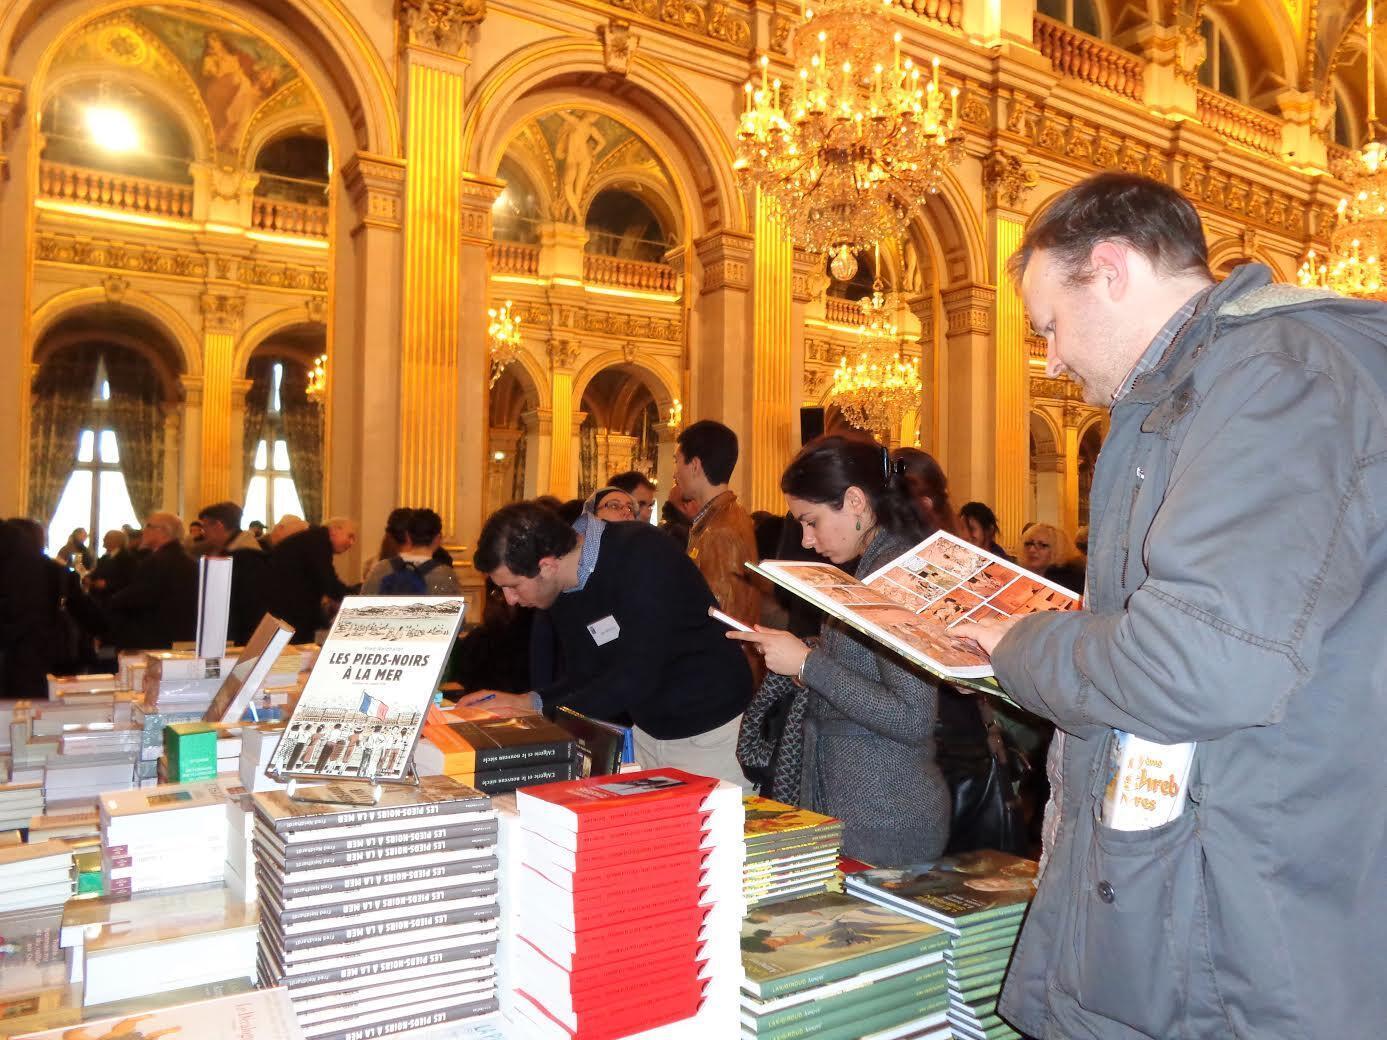 Le Maghreb des livres, c'est aussi une grande librairie, avec tous les livres consacrés au Maghreb, en langues arabe, française et tamazight.